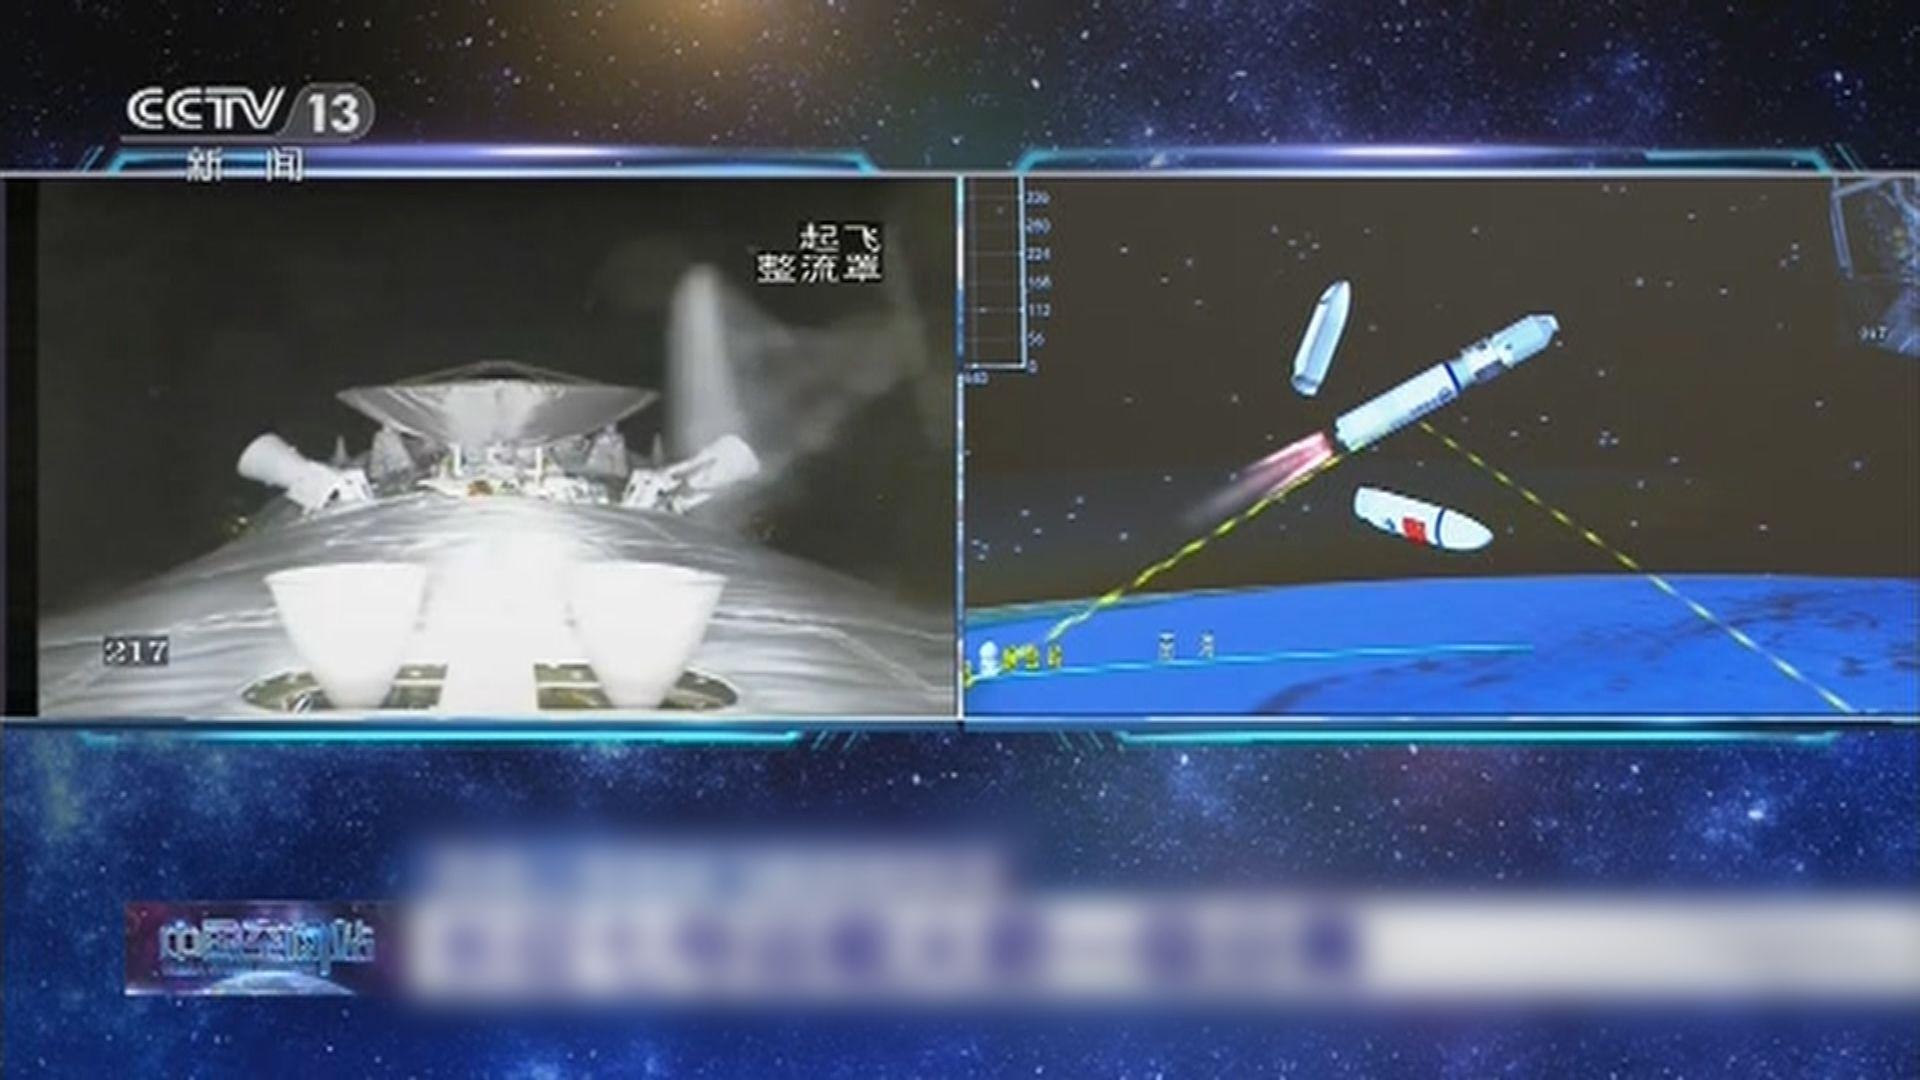 天舟二號貨運飛船發射升空 飛船和火箭成功分離